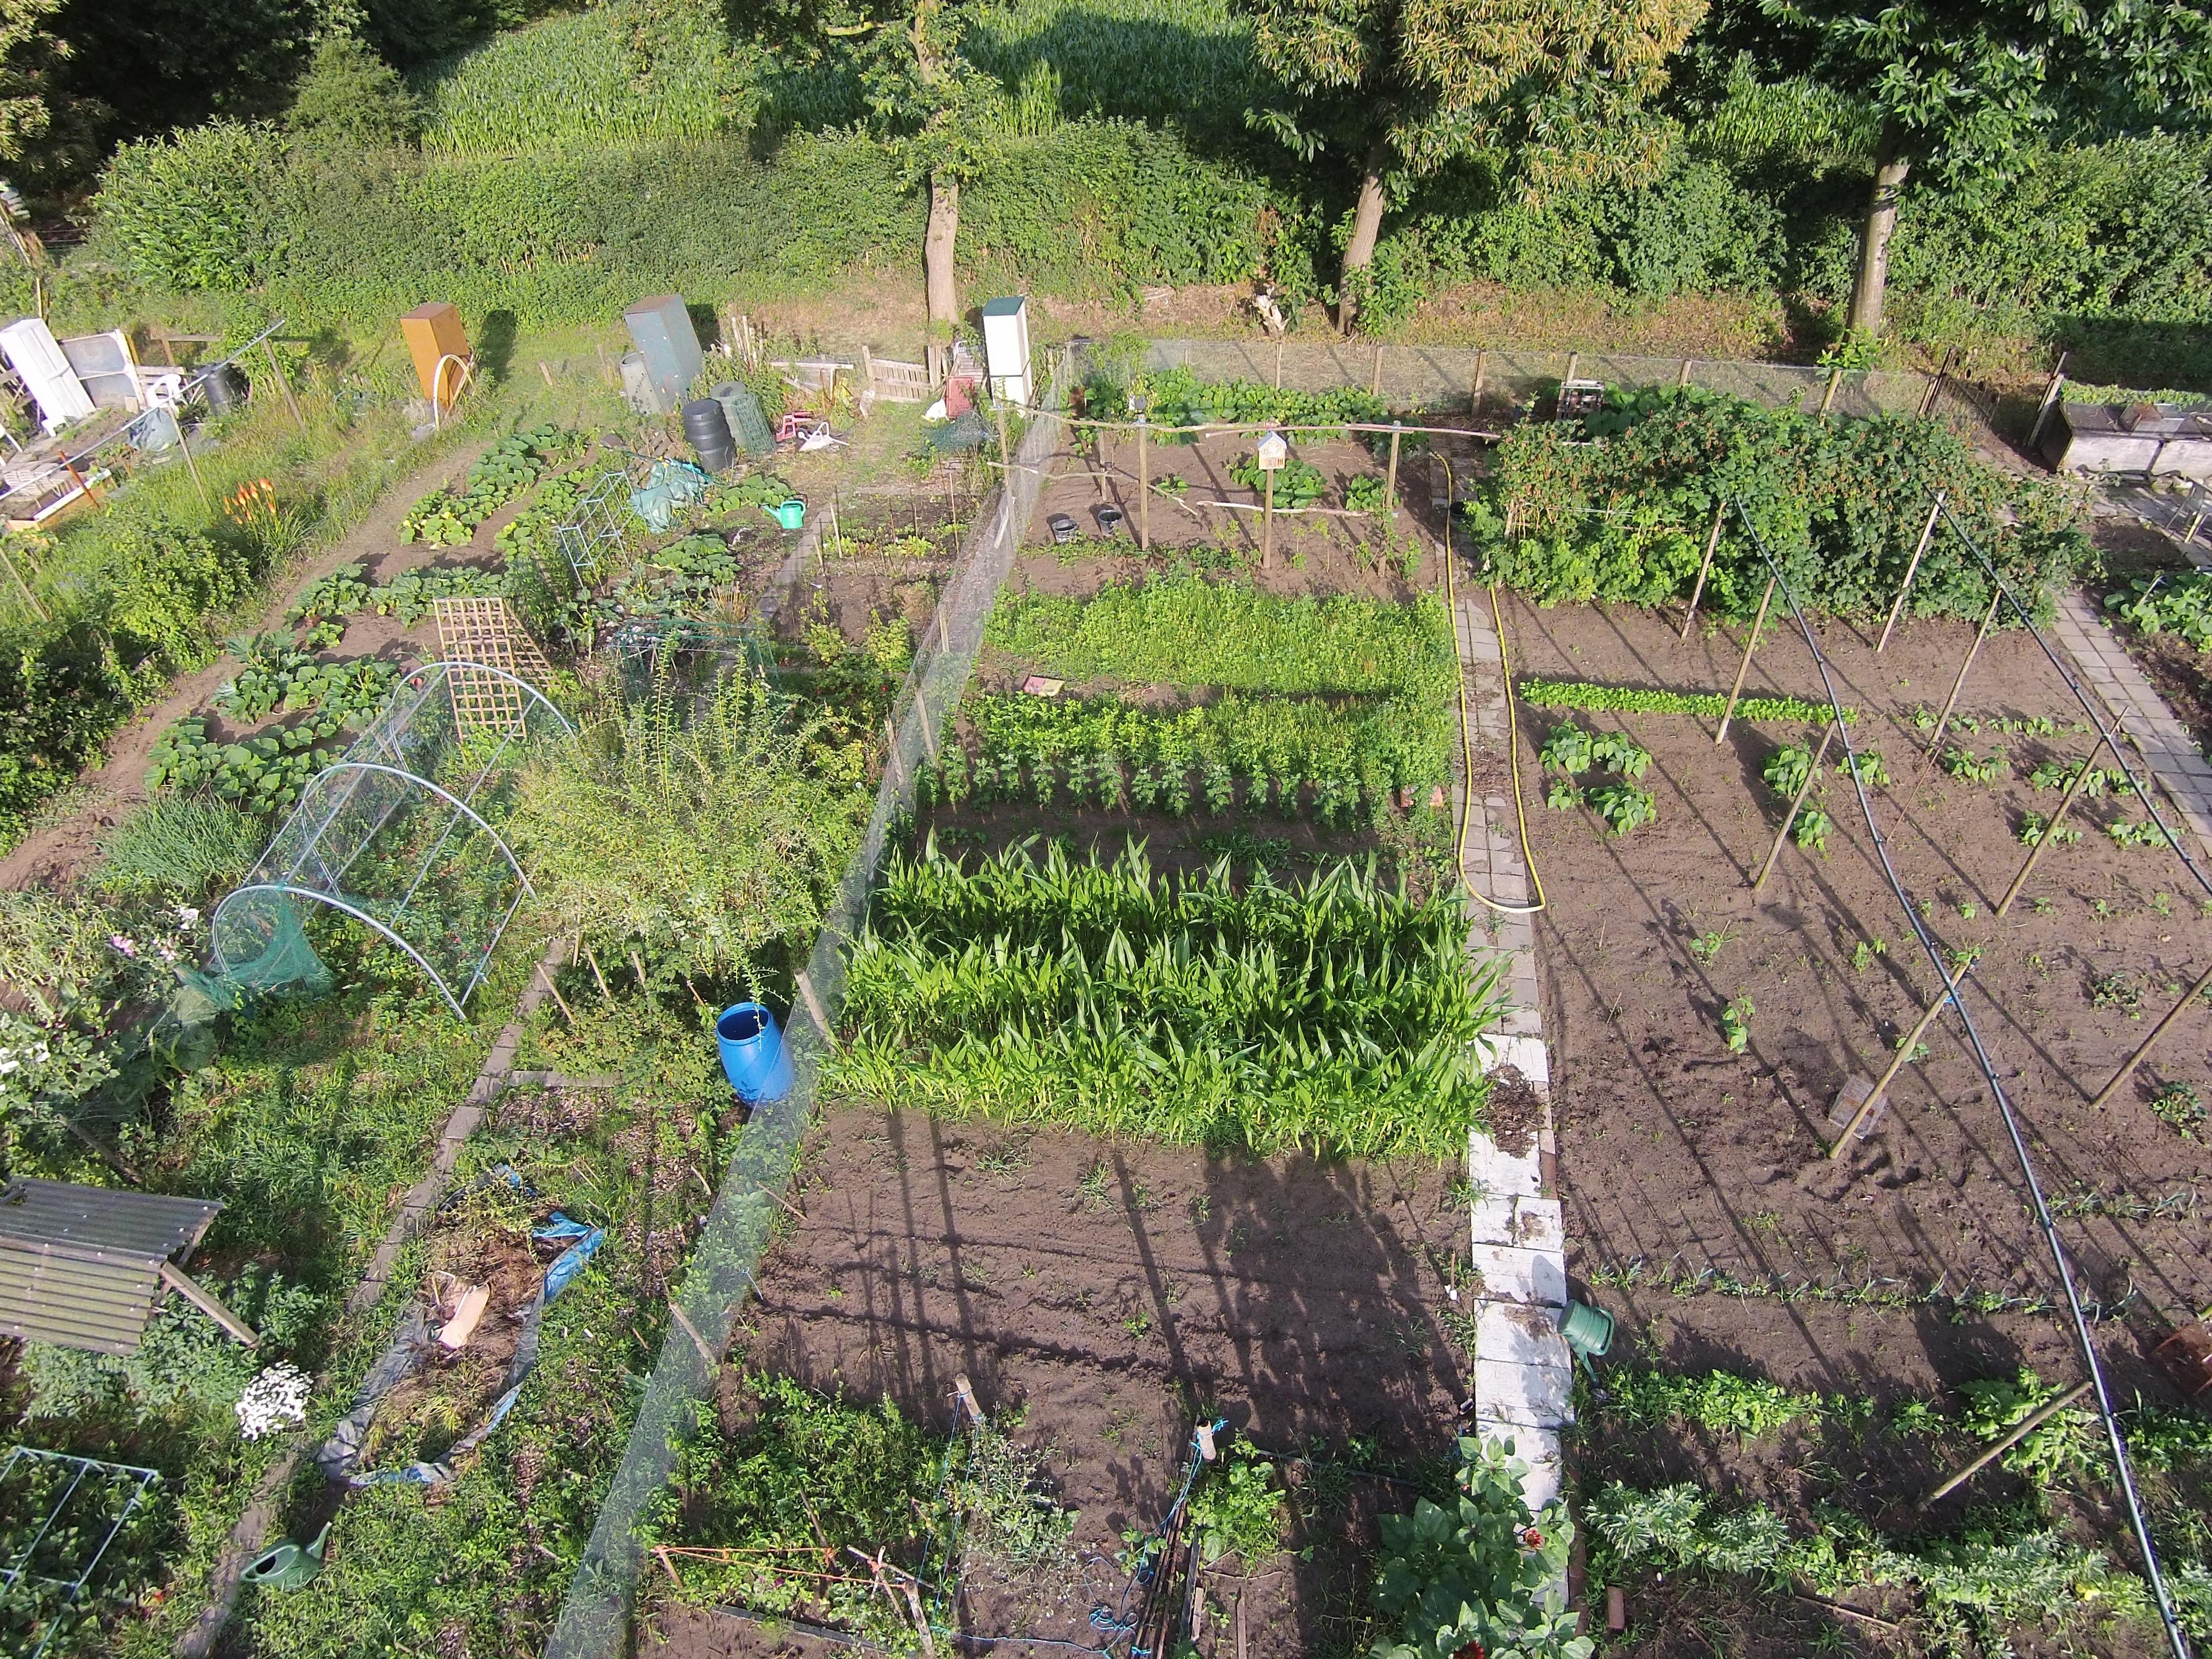 De tuin vanuit een Drone